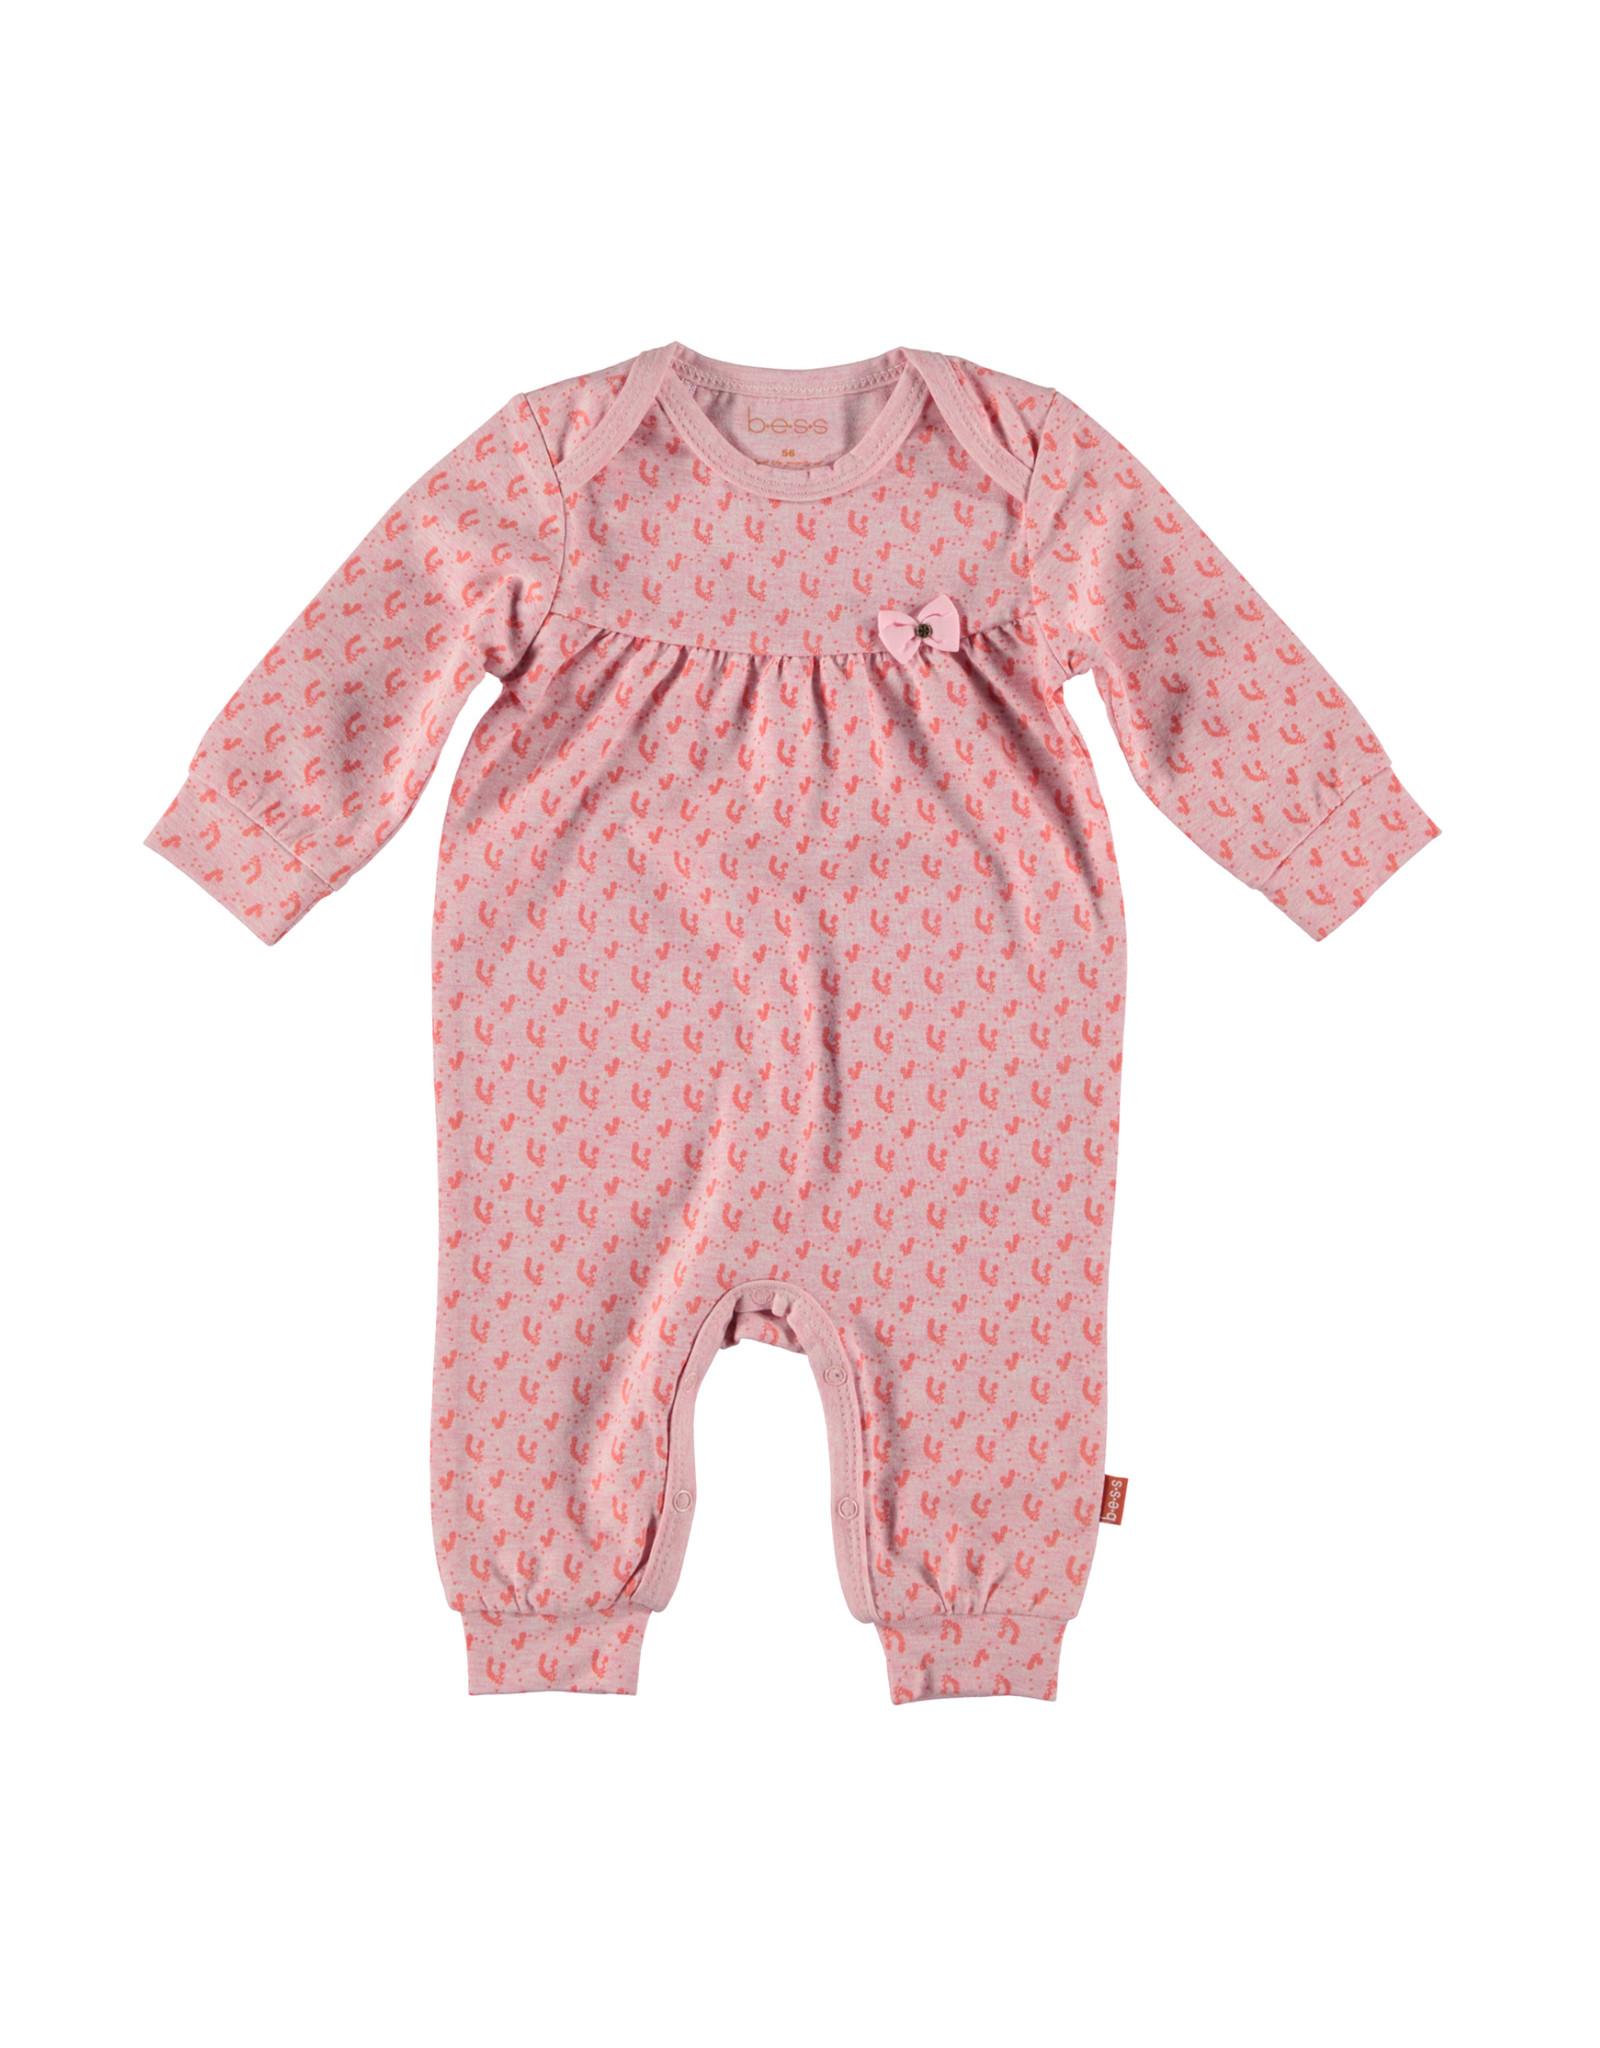 B.E.S.S. Suit AOP Flower, Pink